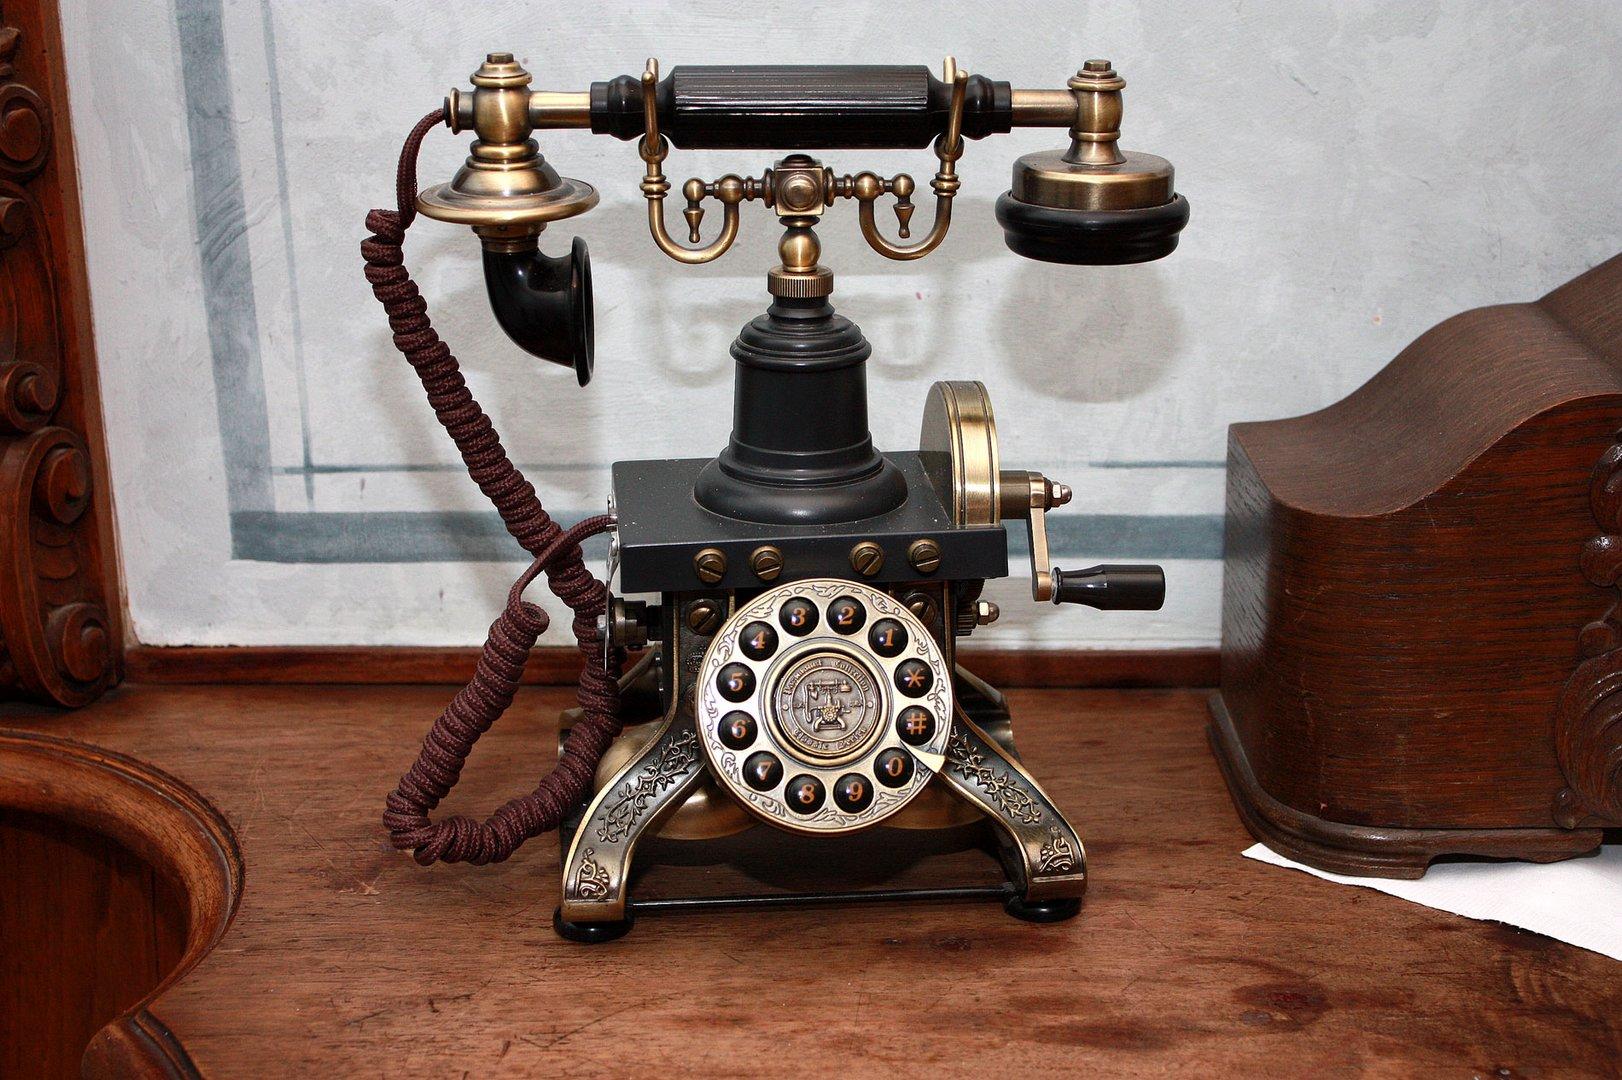 DAS ist doch mal ein Telefon